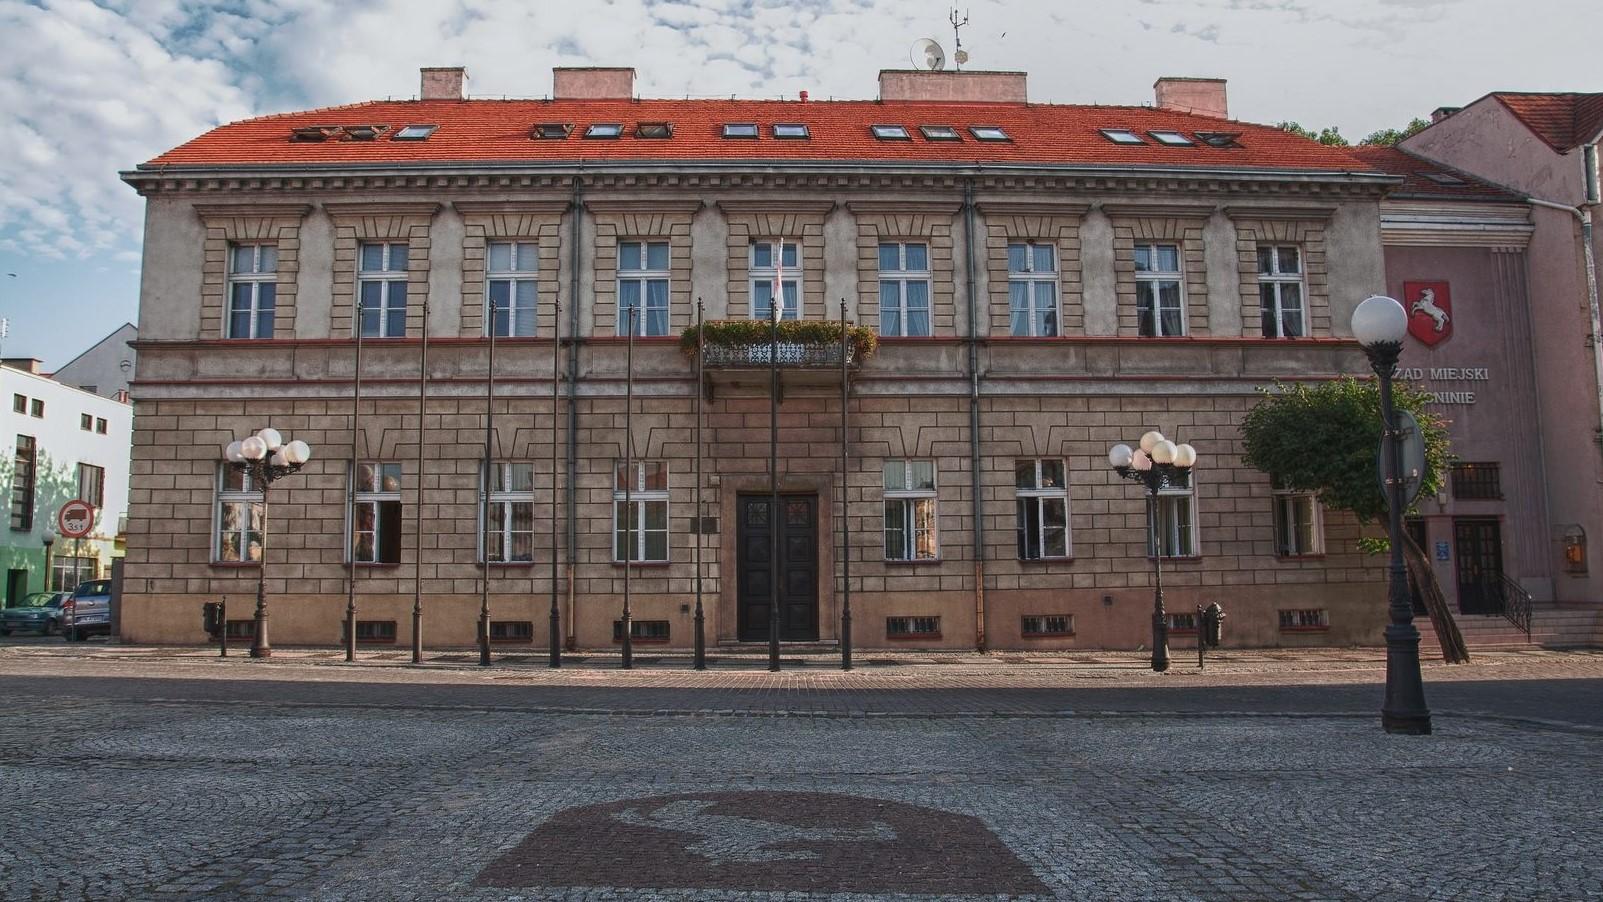 Urząd miasta miejski konin  - FB: Urząd Miejski w Koninie